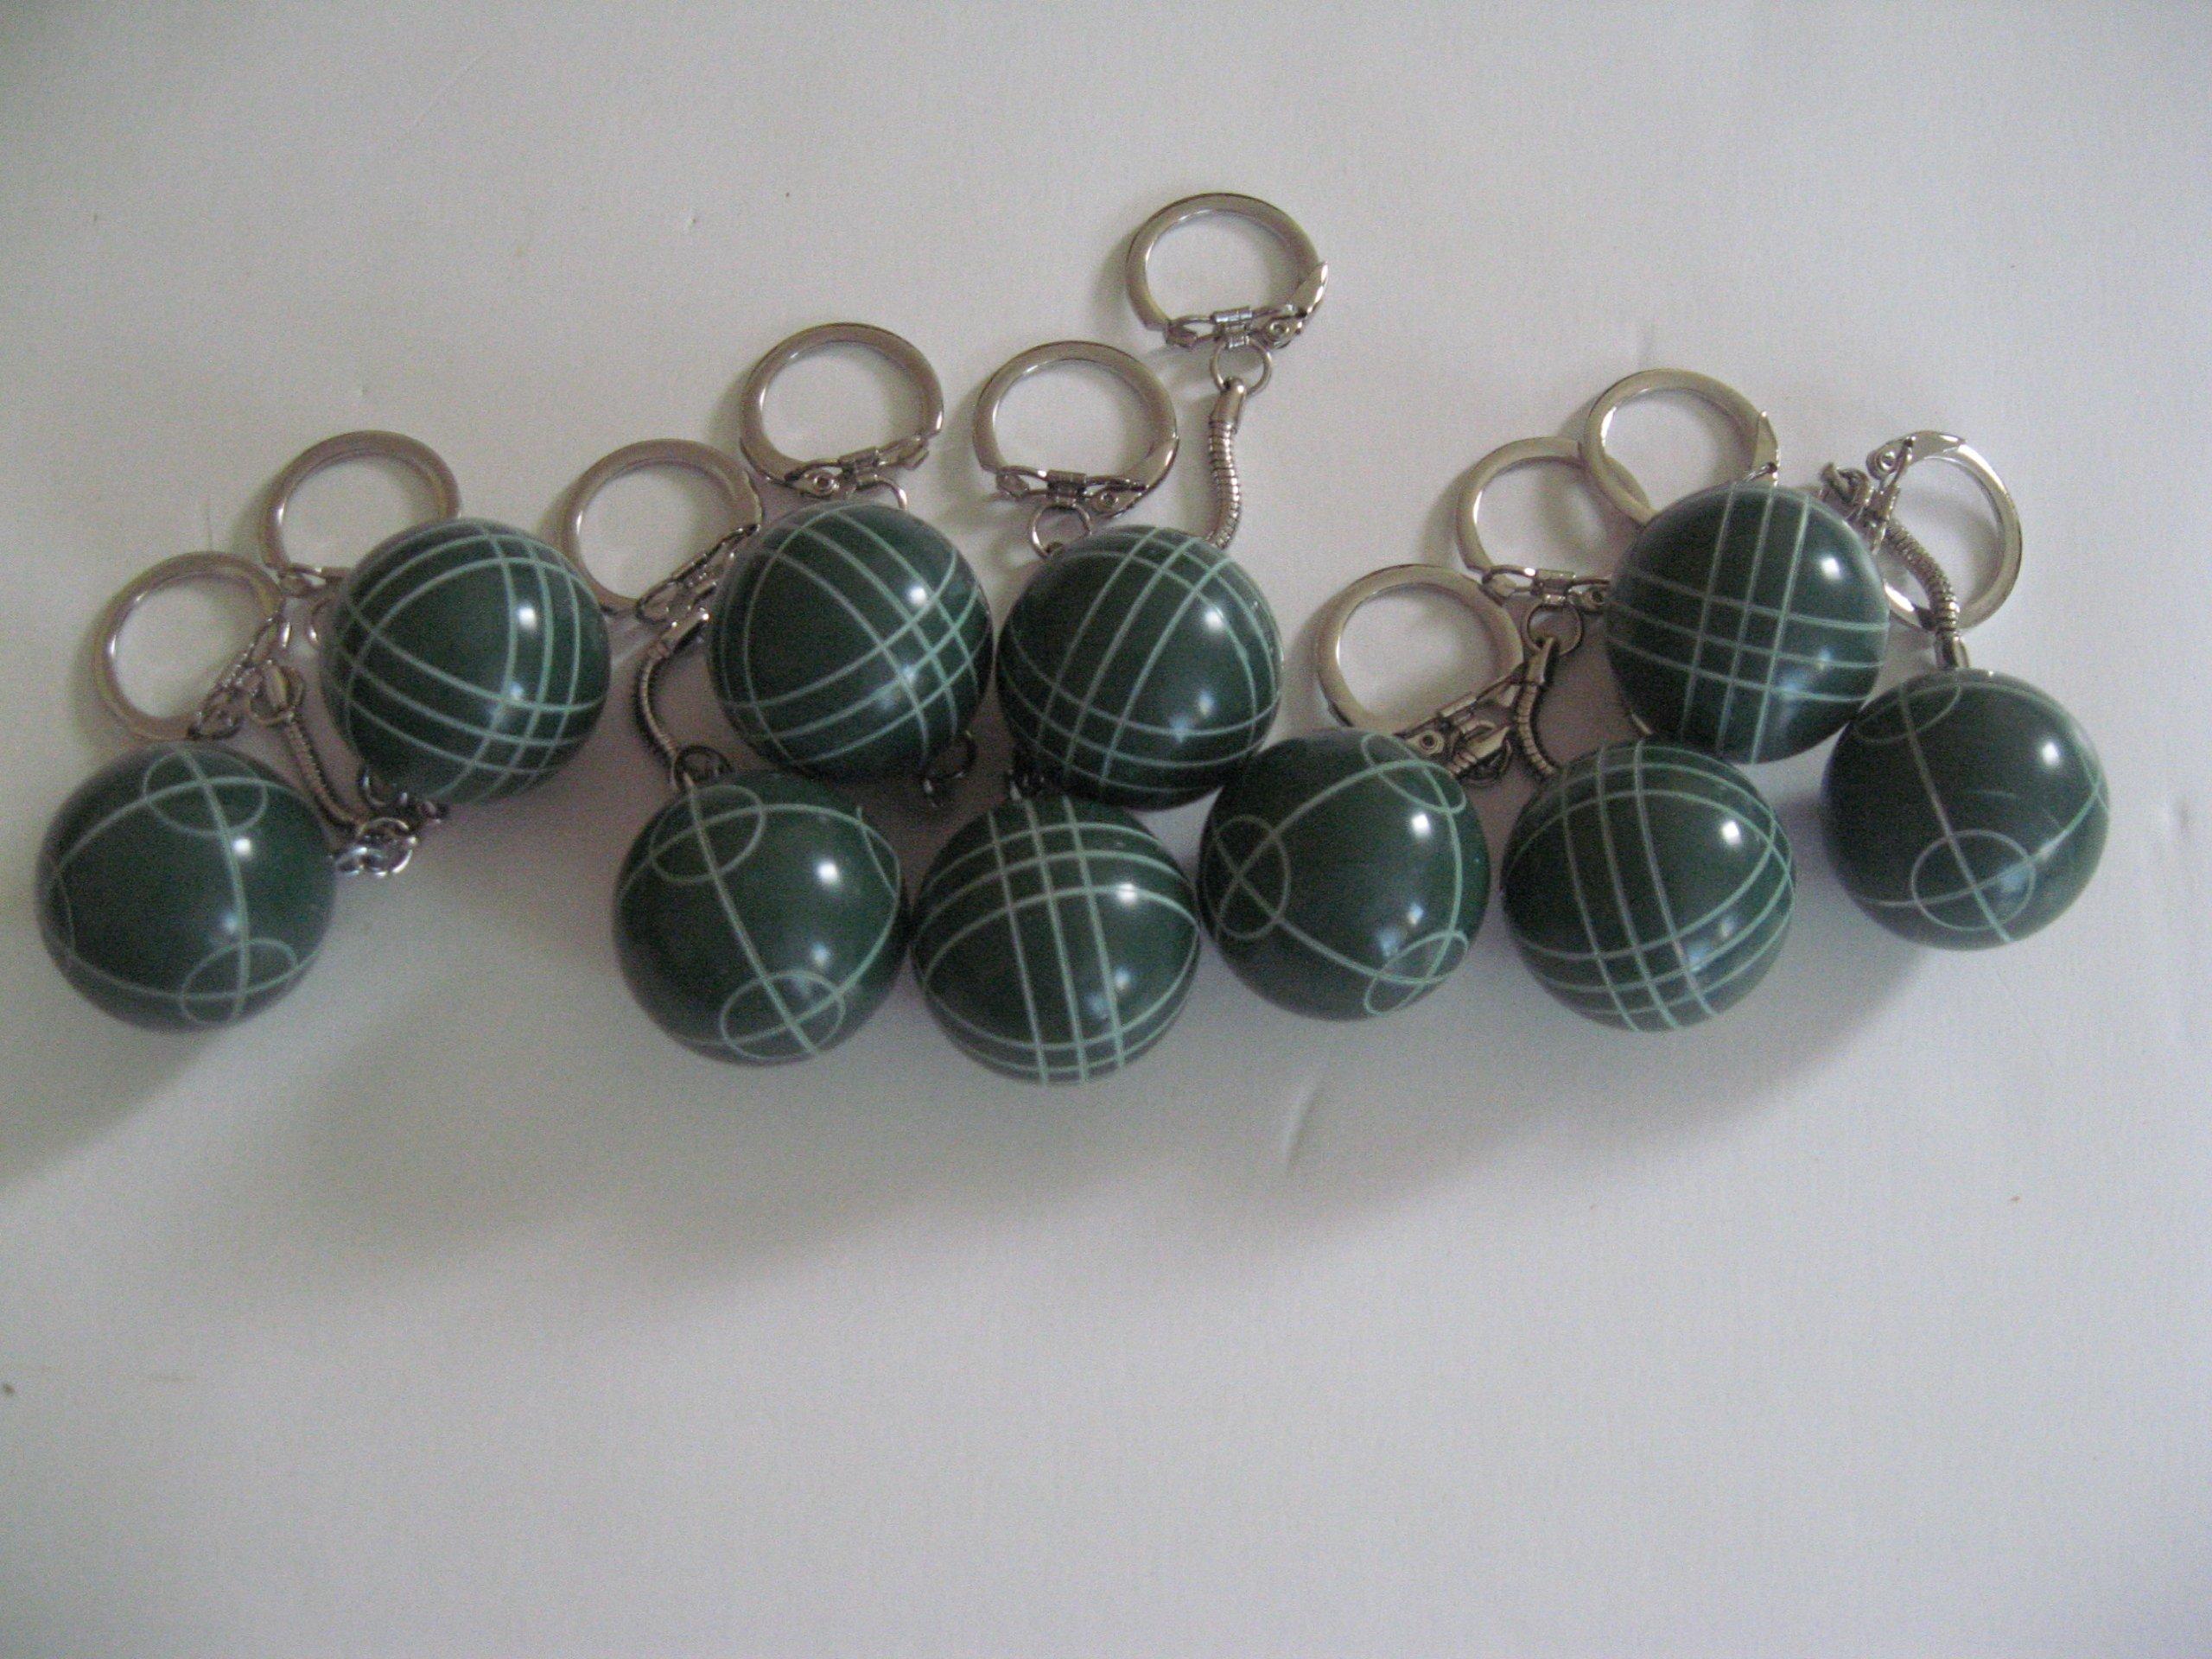 Regent-Halex Bocce Ball Keychain - pack of 10 by Regent-Halex